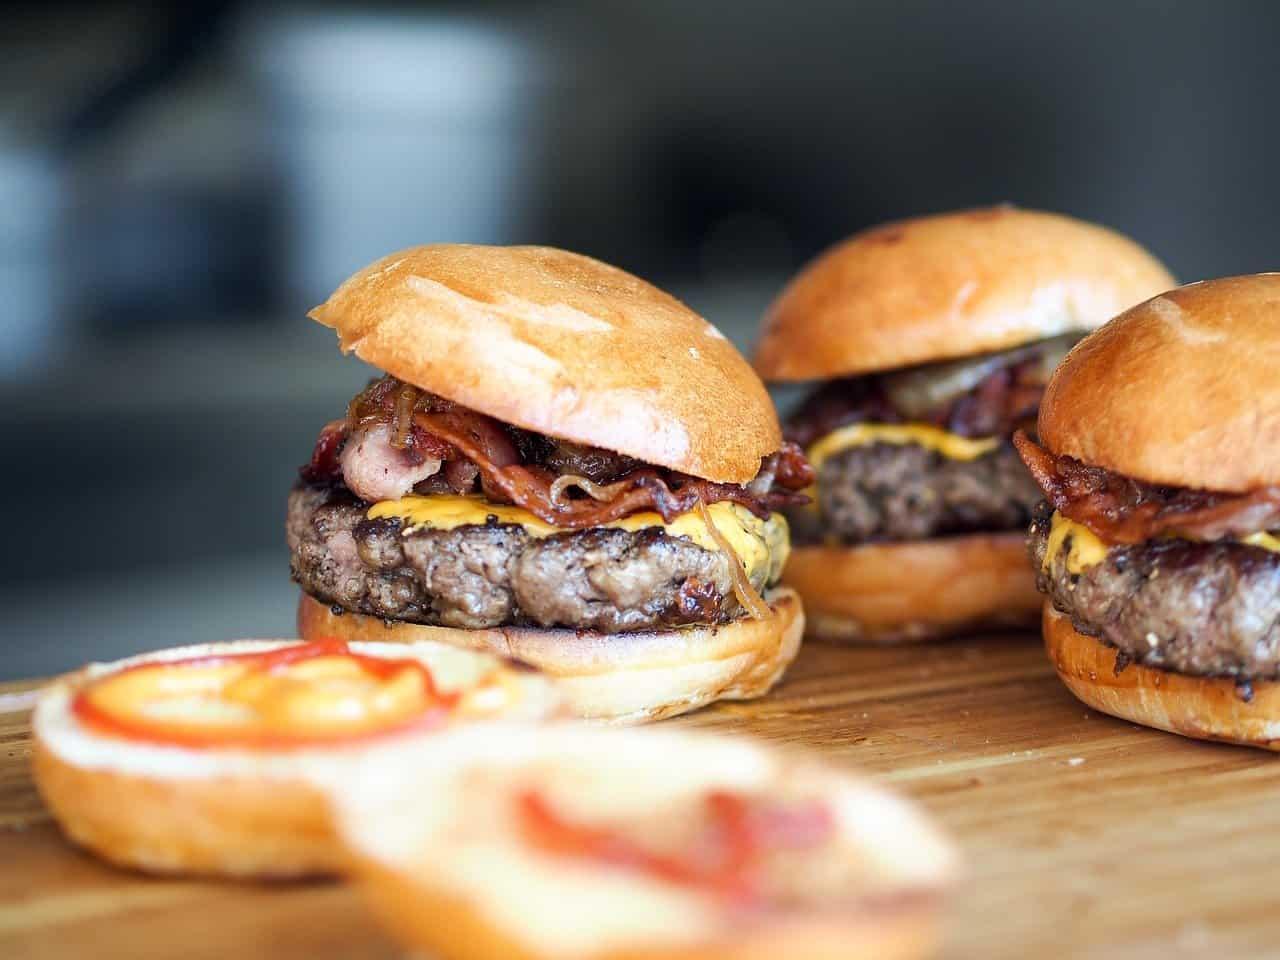 Cuisinez un bon burger aux haricots noirs, maïs et à la patate douce